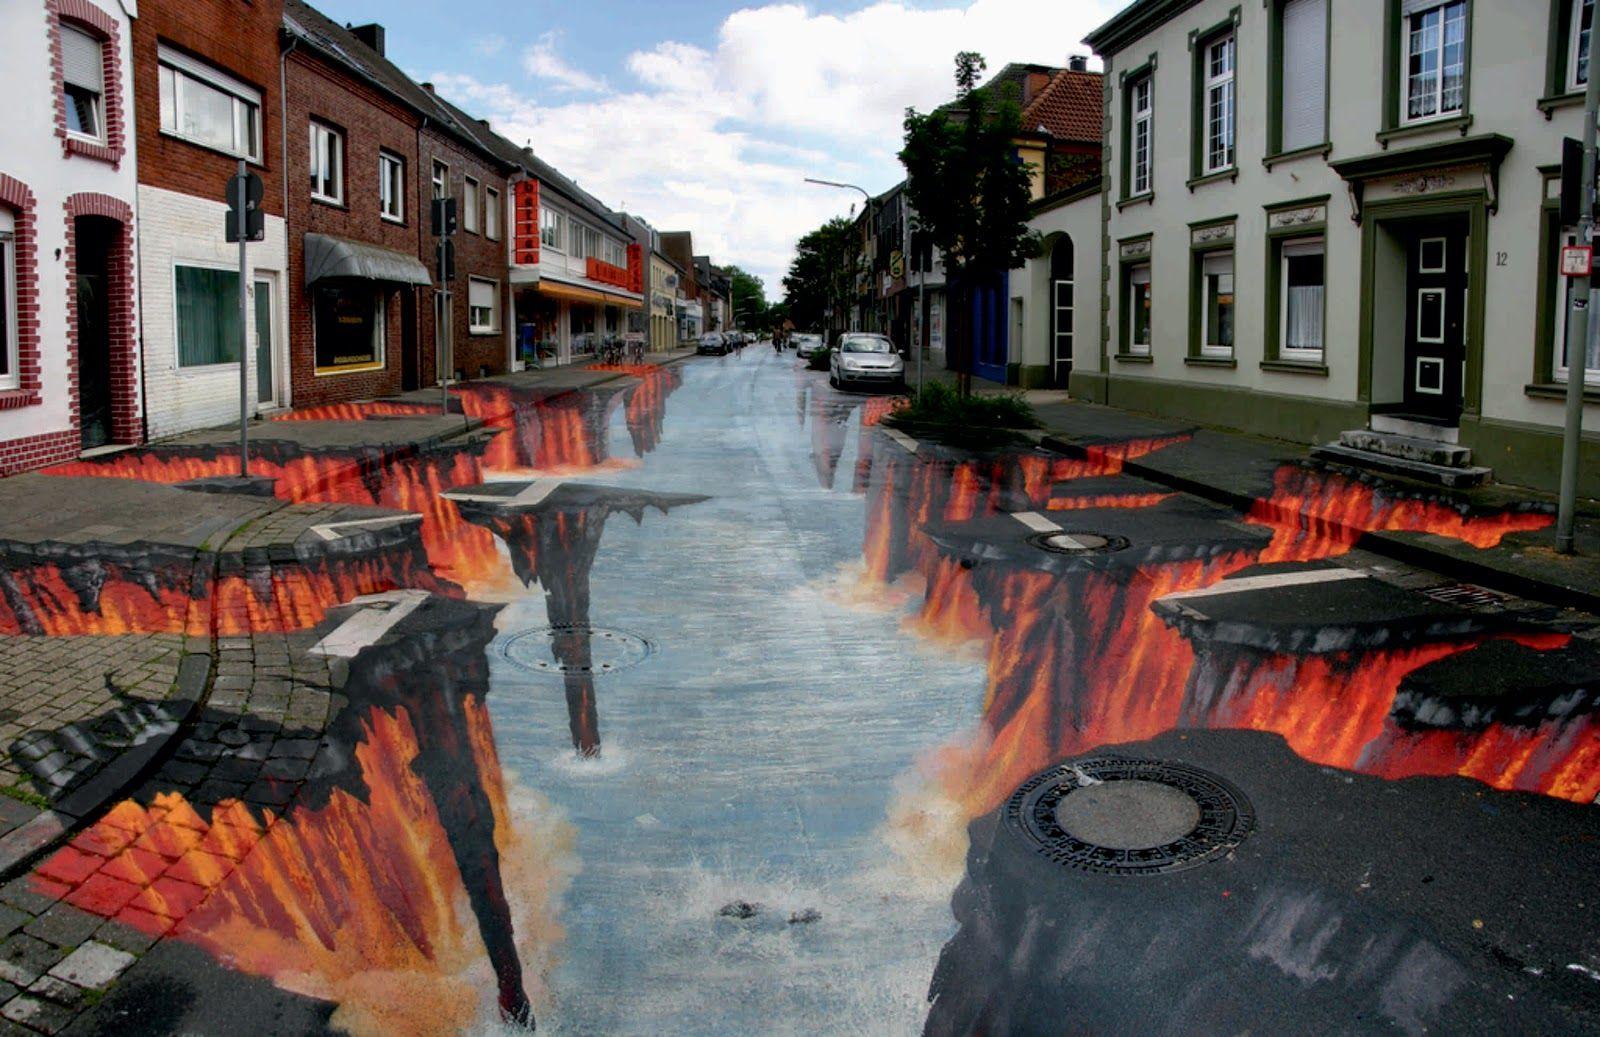 17 Best images about 3D Street Art on Pinterest | Edgar mueller ...